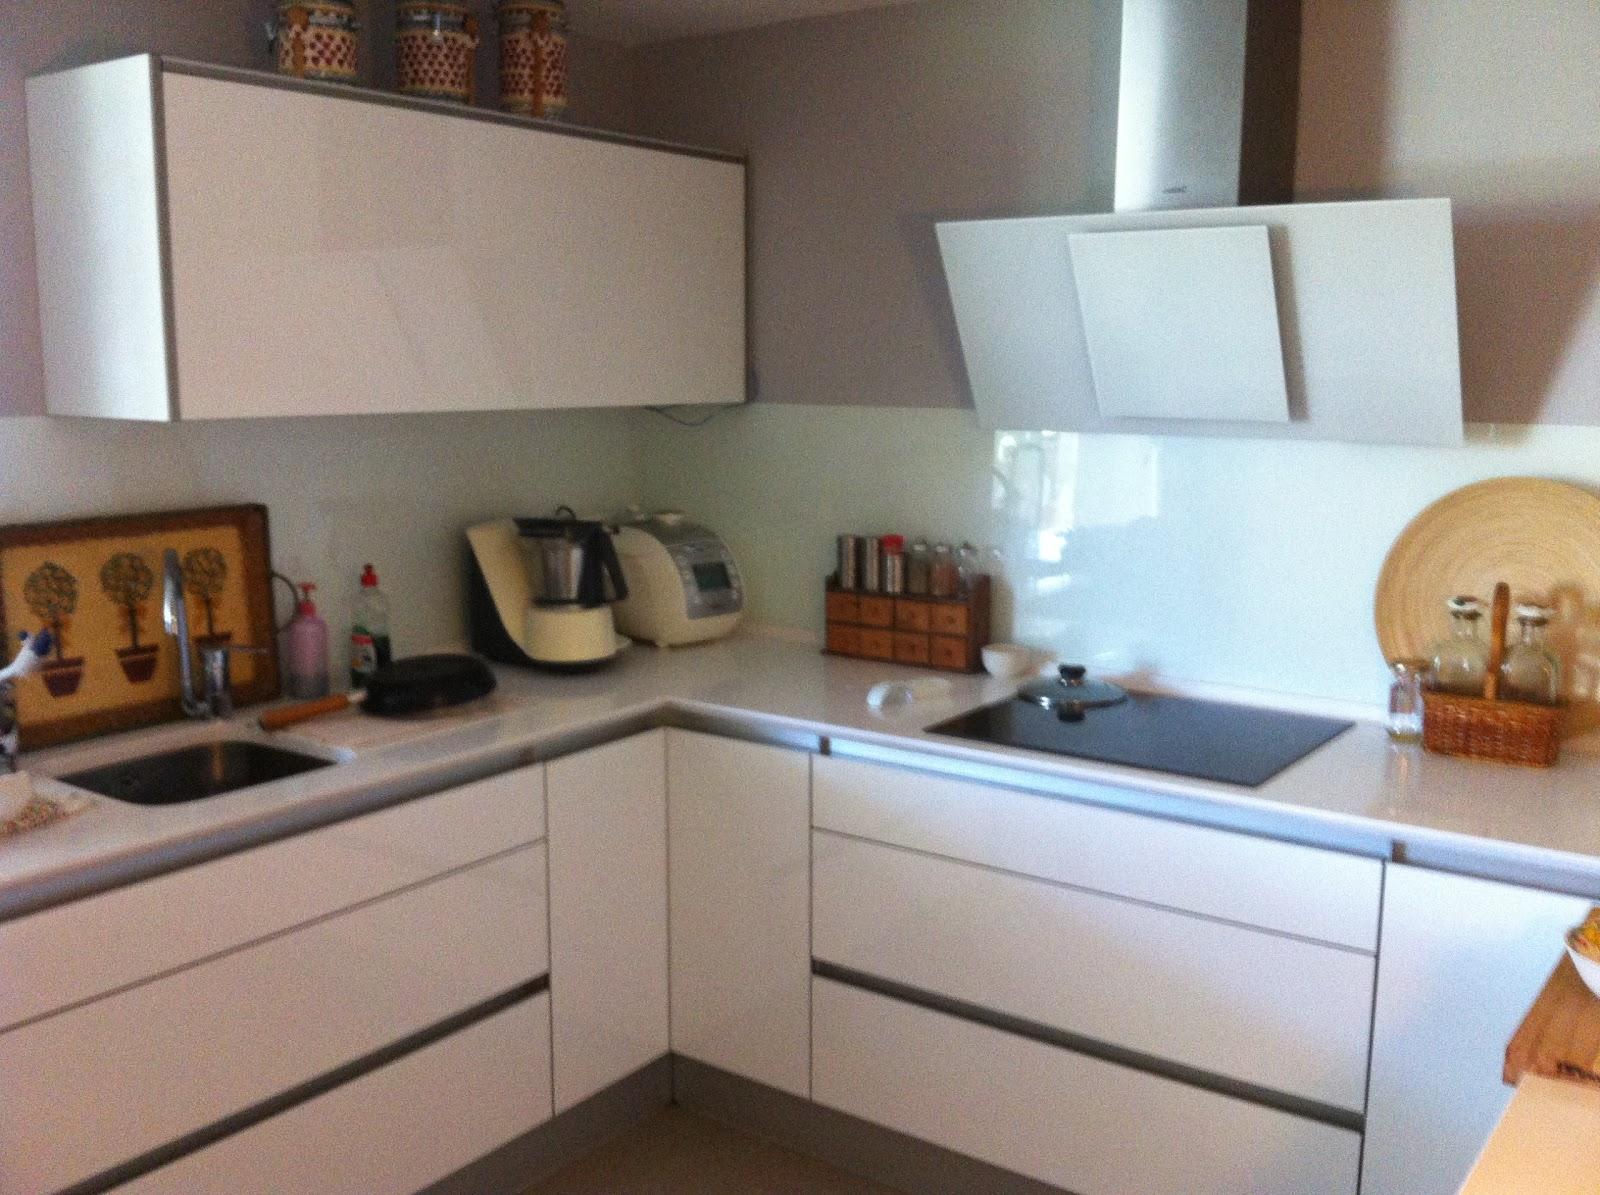 Formas almacen de cocinas cocina con o sin tiradores - Tiradores de muebles de cocina ...